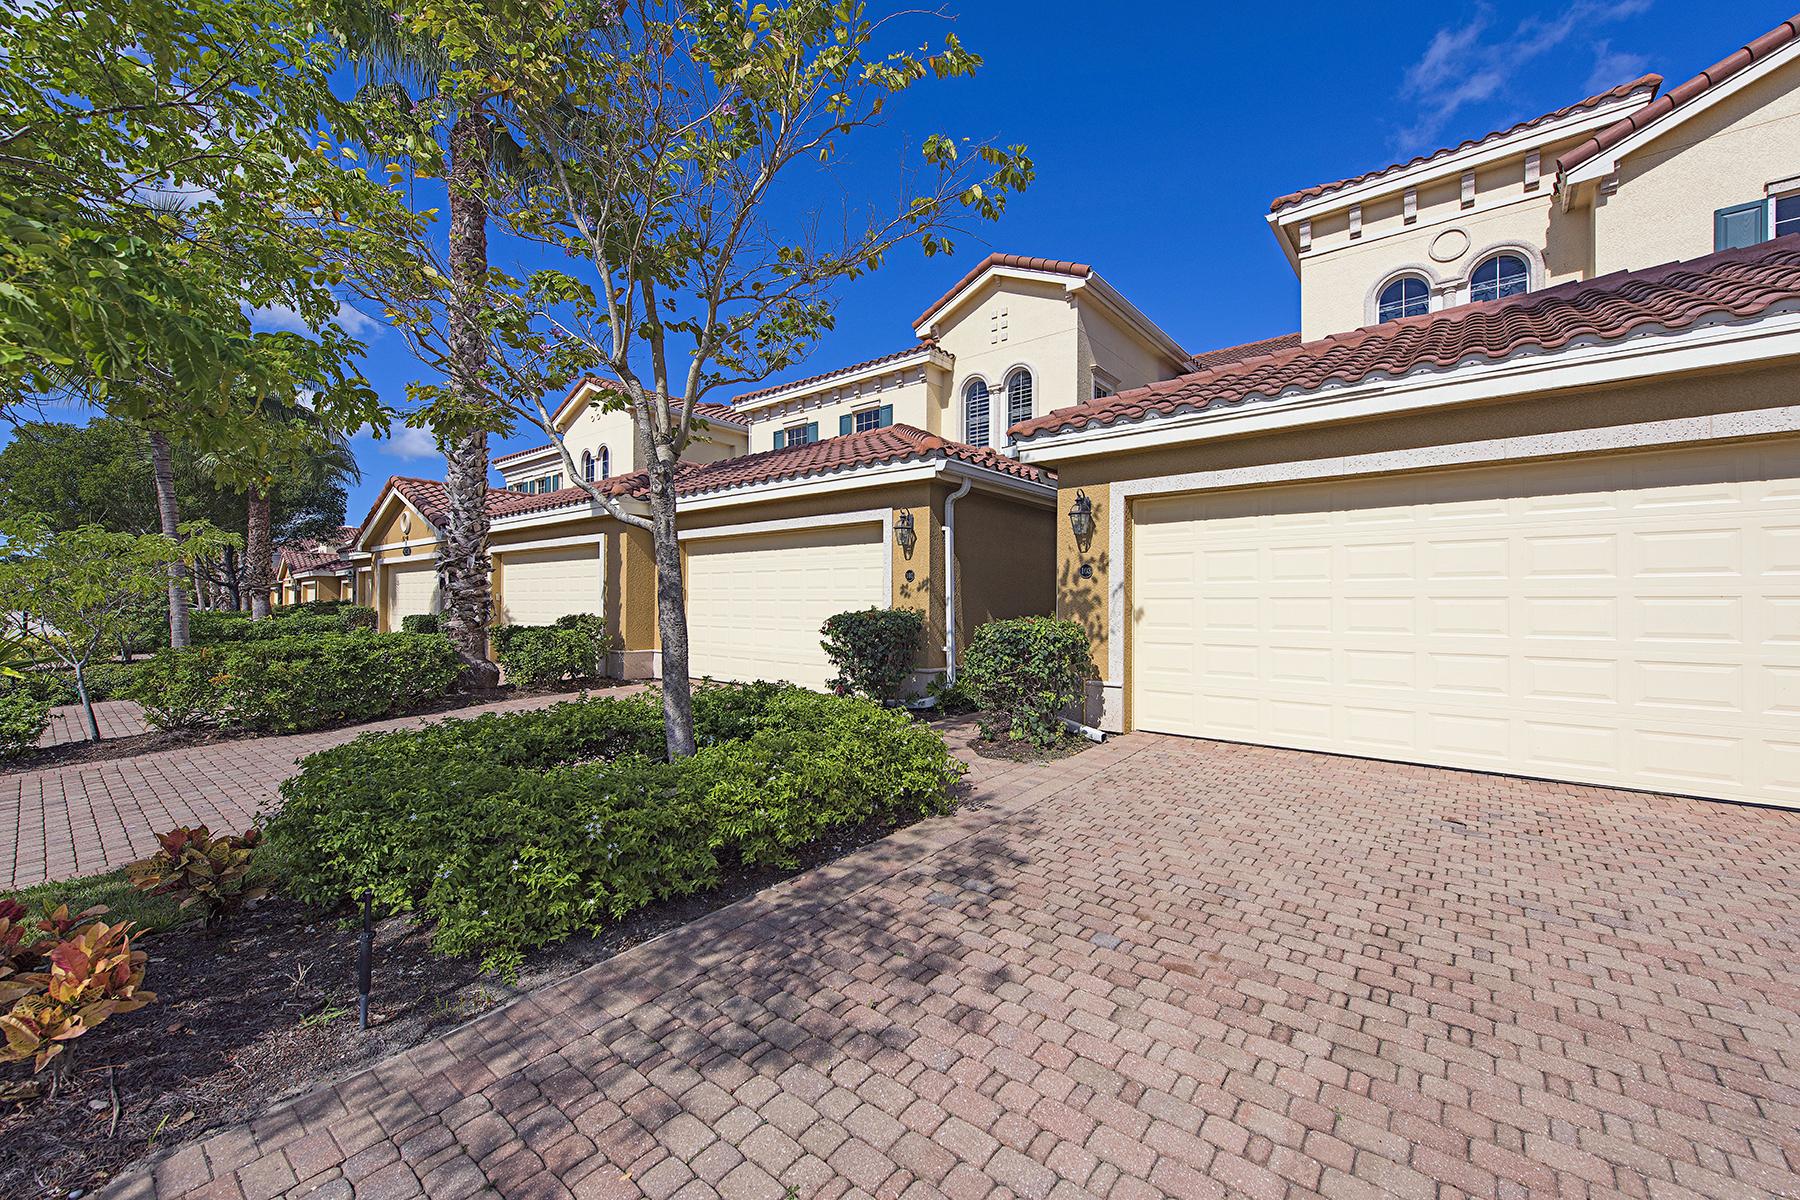 共管式独立产权公寓 为 销售 在 FIDDLER'S CREEK - LAGUNA 9231 Tesoro Ln 102 Naples, 佛罗里达州 34114 美国